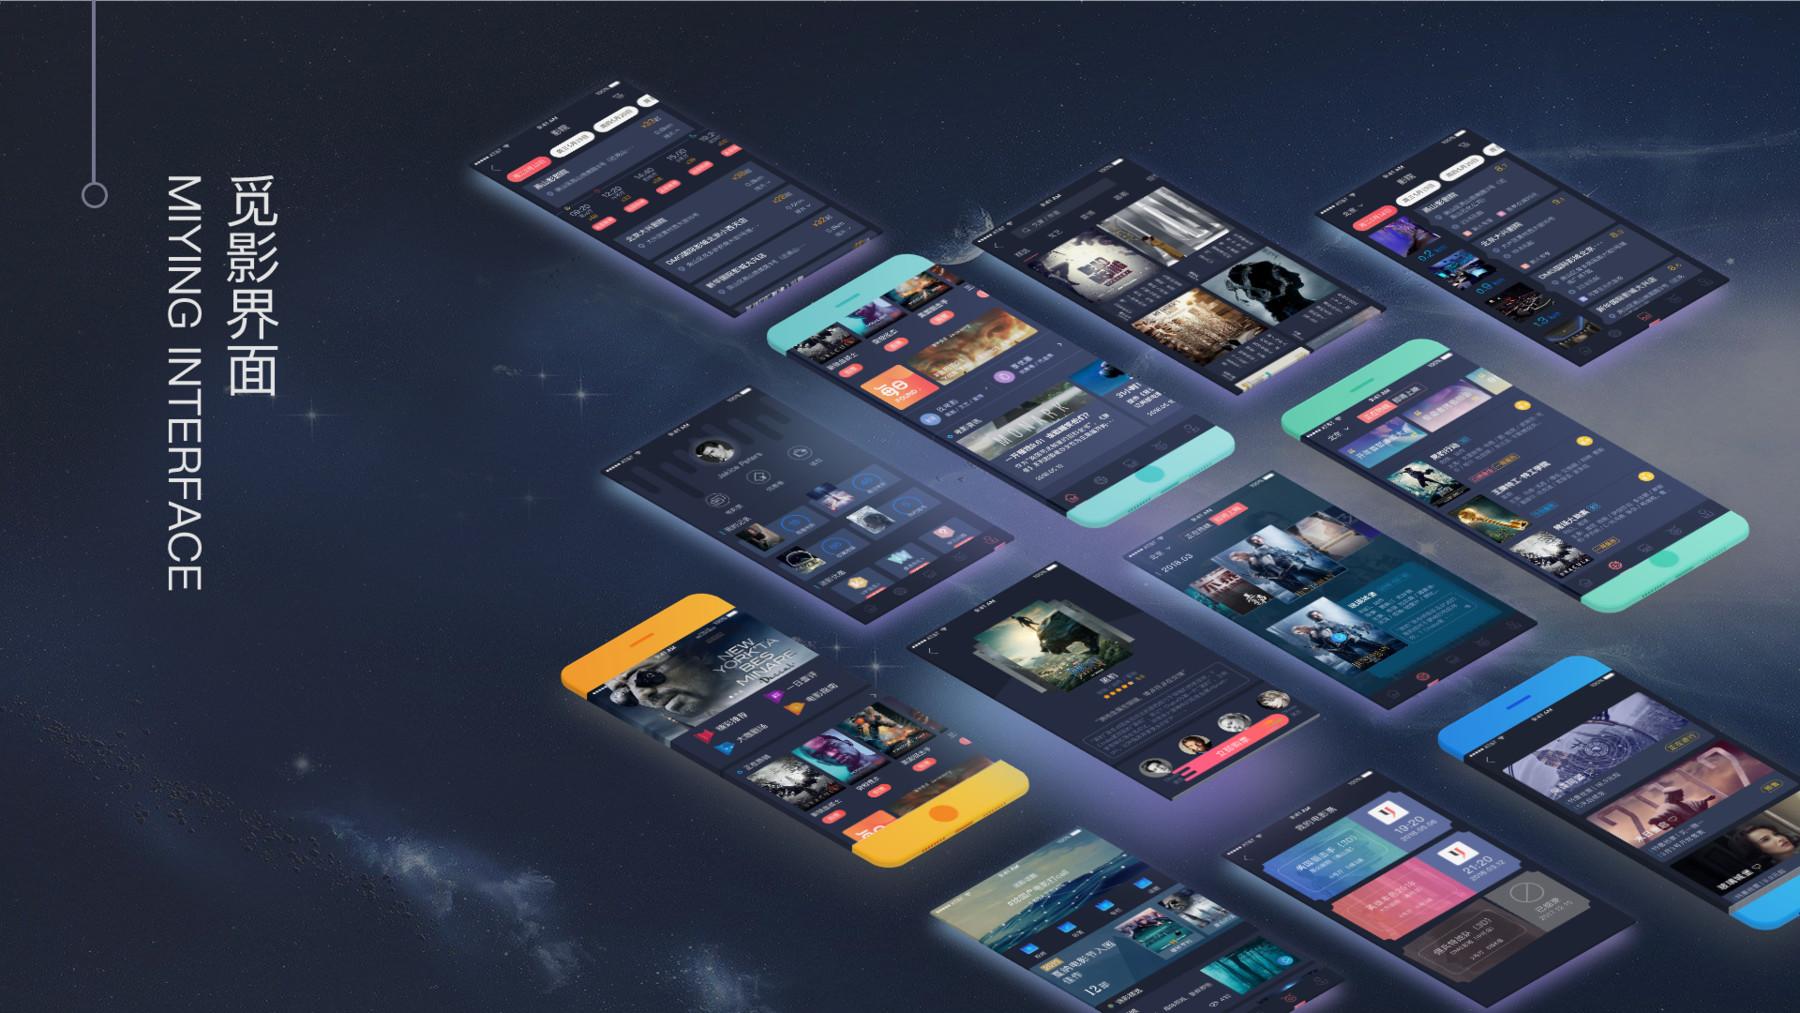 新版开发觅影电影影视APP源码,双端原生完美运营附带开发文档及教程